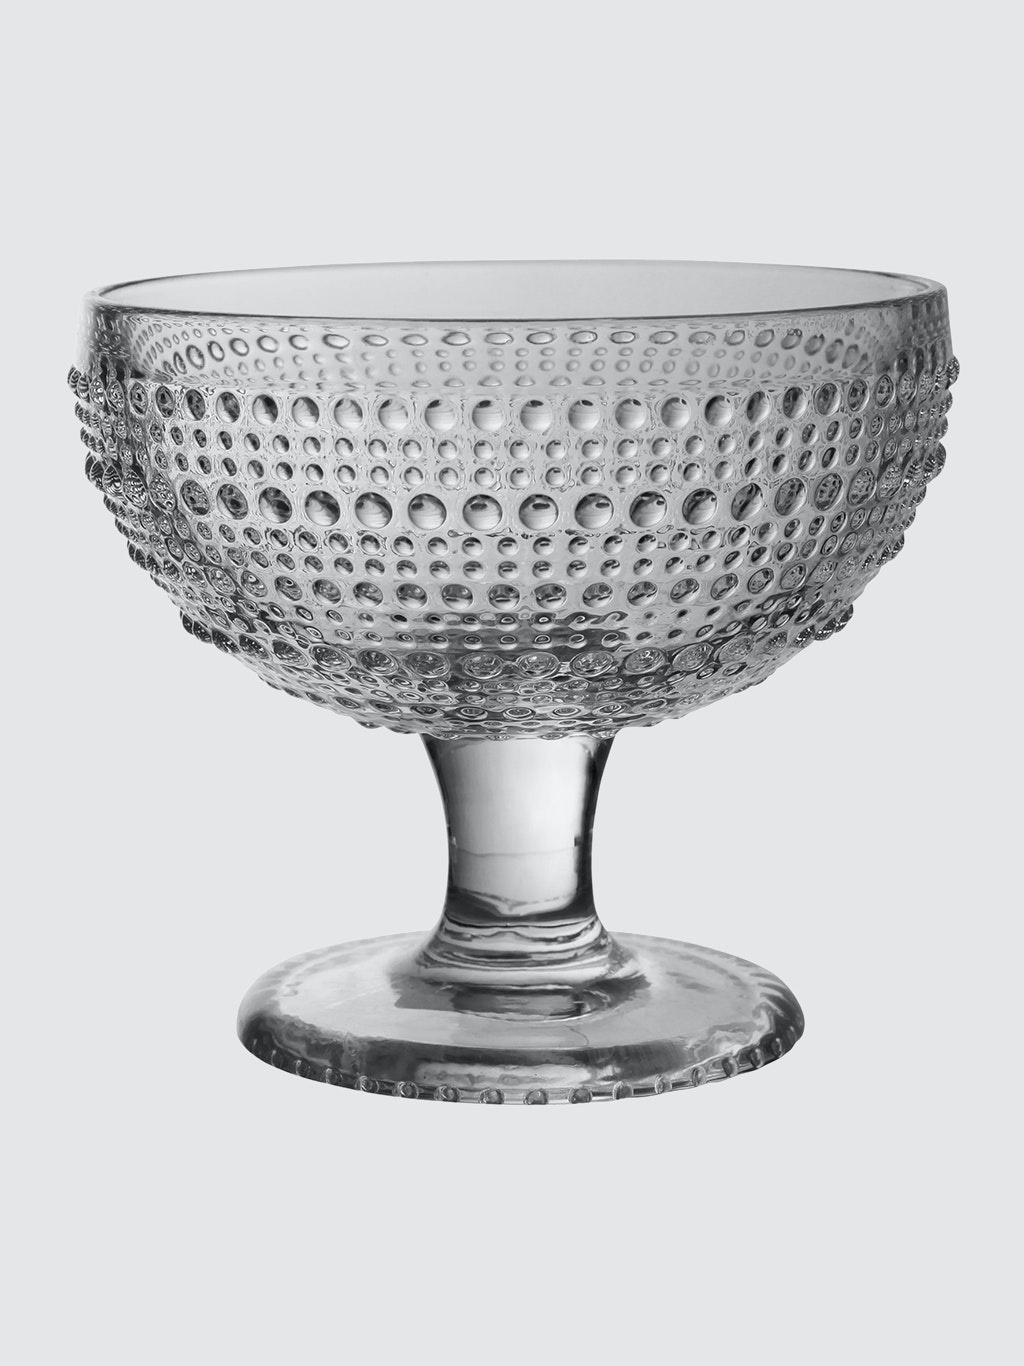 Sherbert/Dessert Glass Cup --1